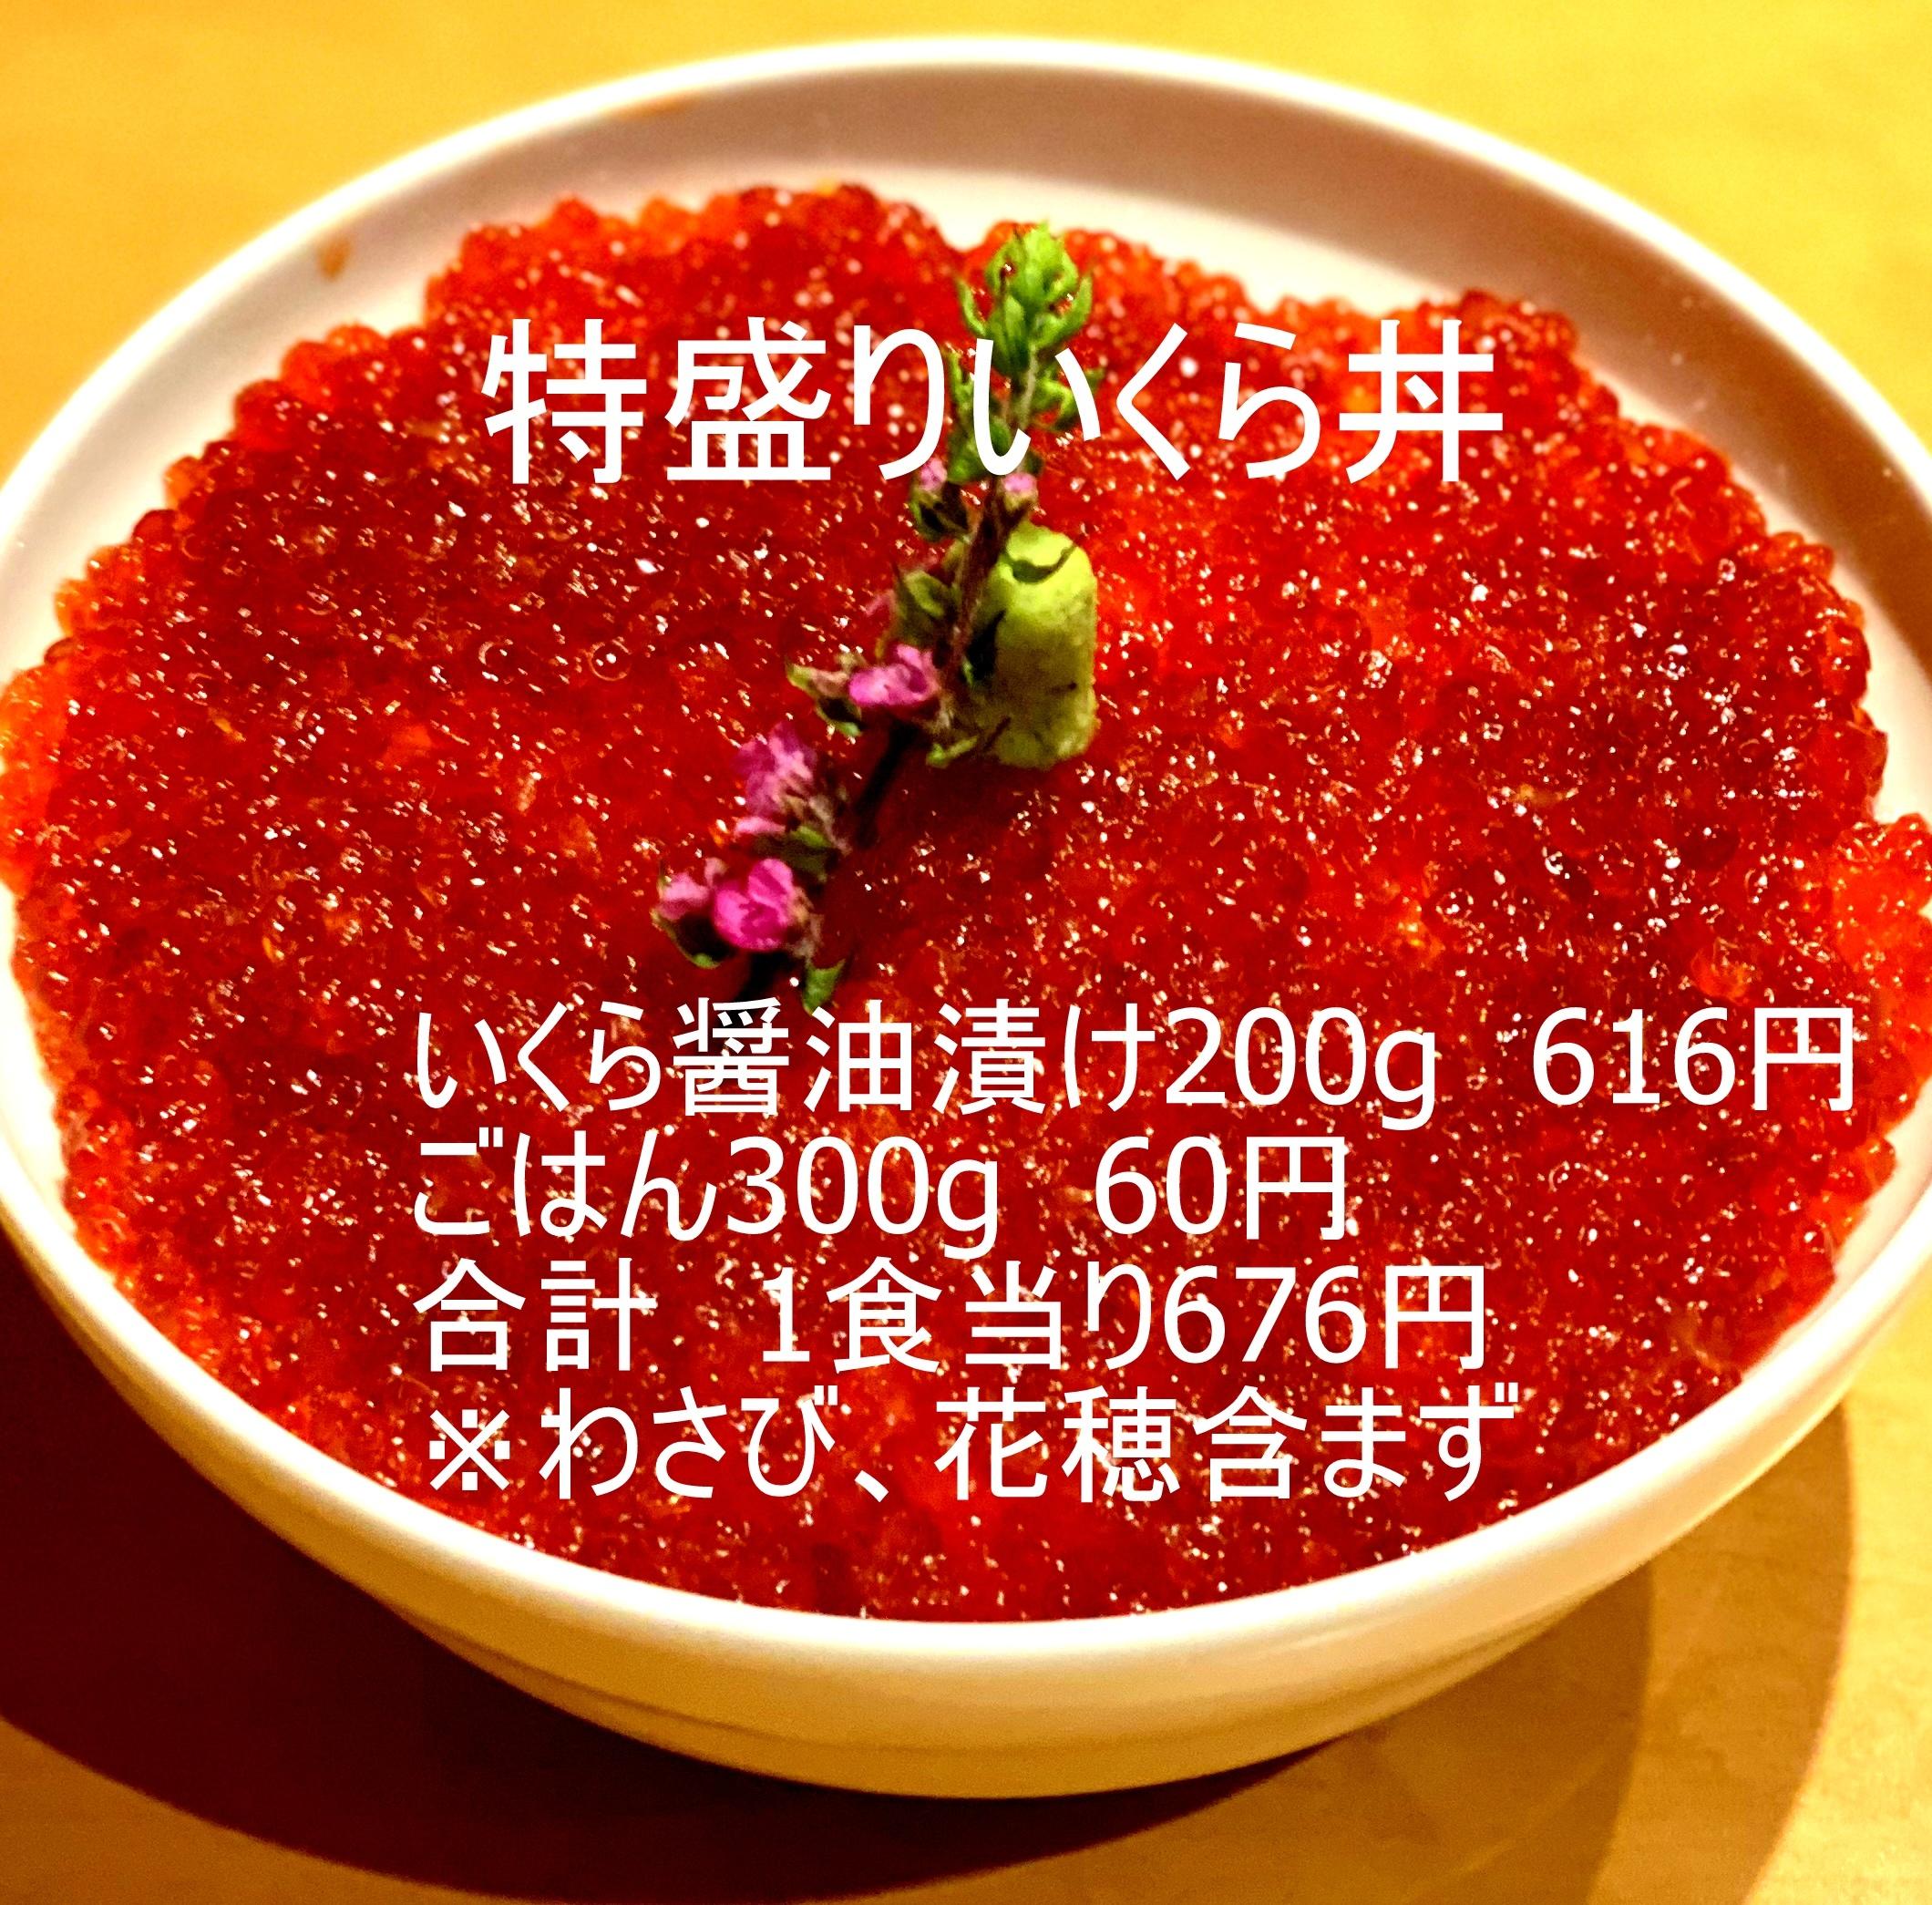 【一般のお客様大歓迎】703 冷凍【新物】鱒いくら醤油漬け 業務用 500g